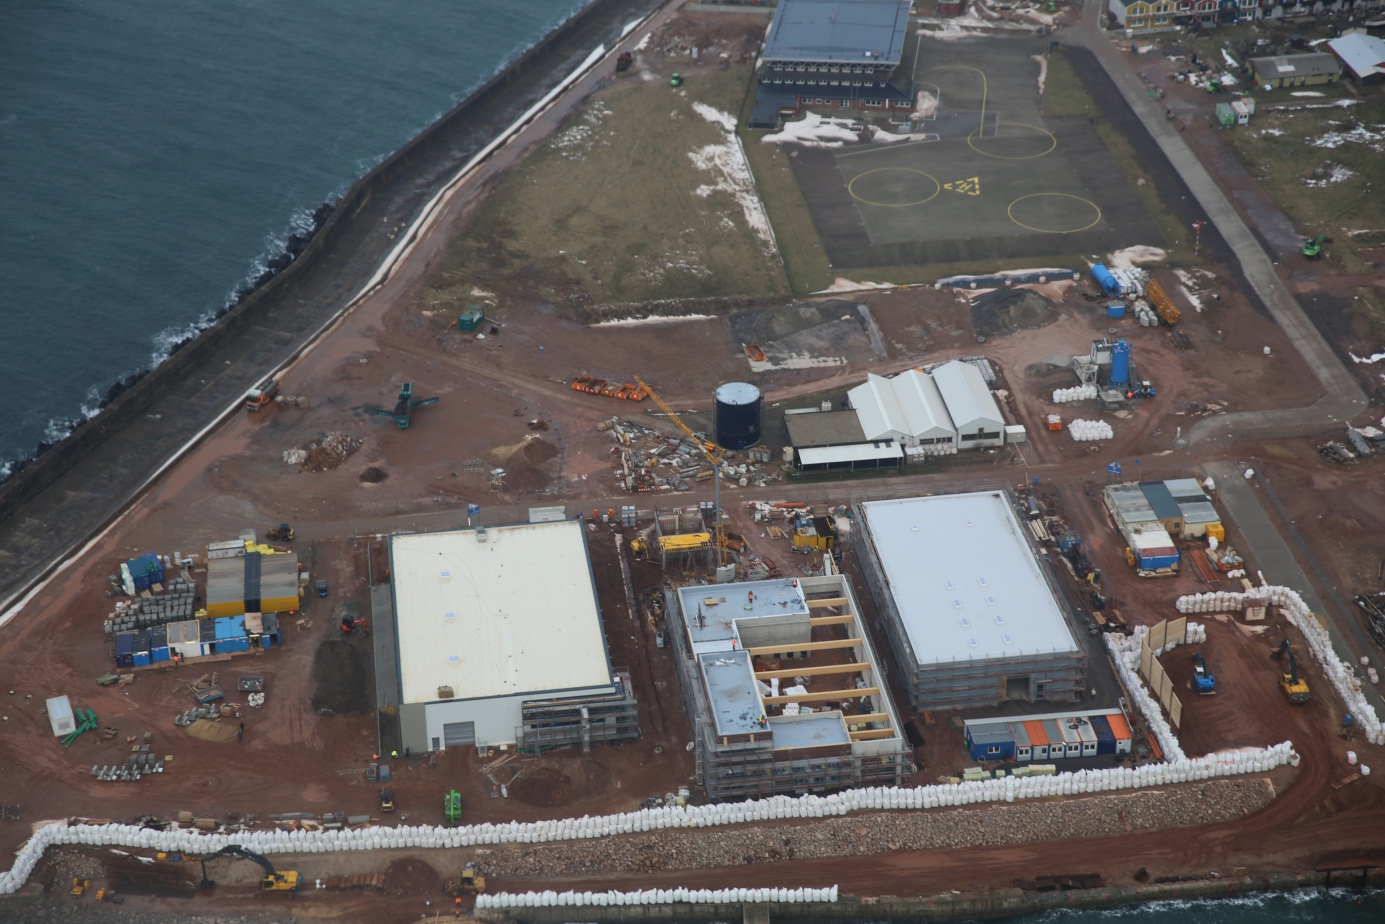 Die Betriebsgebäude von WindMW, RWE Innogy und E.ON (v.l.n.r.) im Südhafengelände